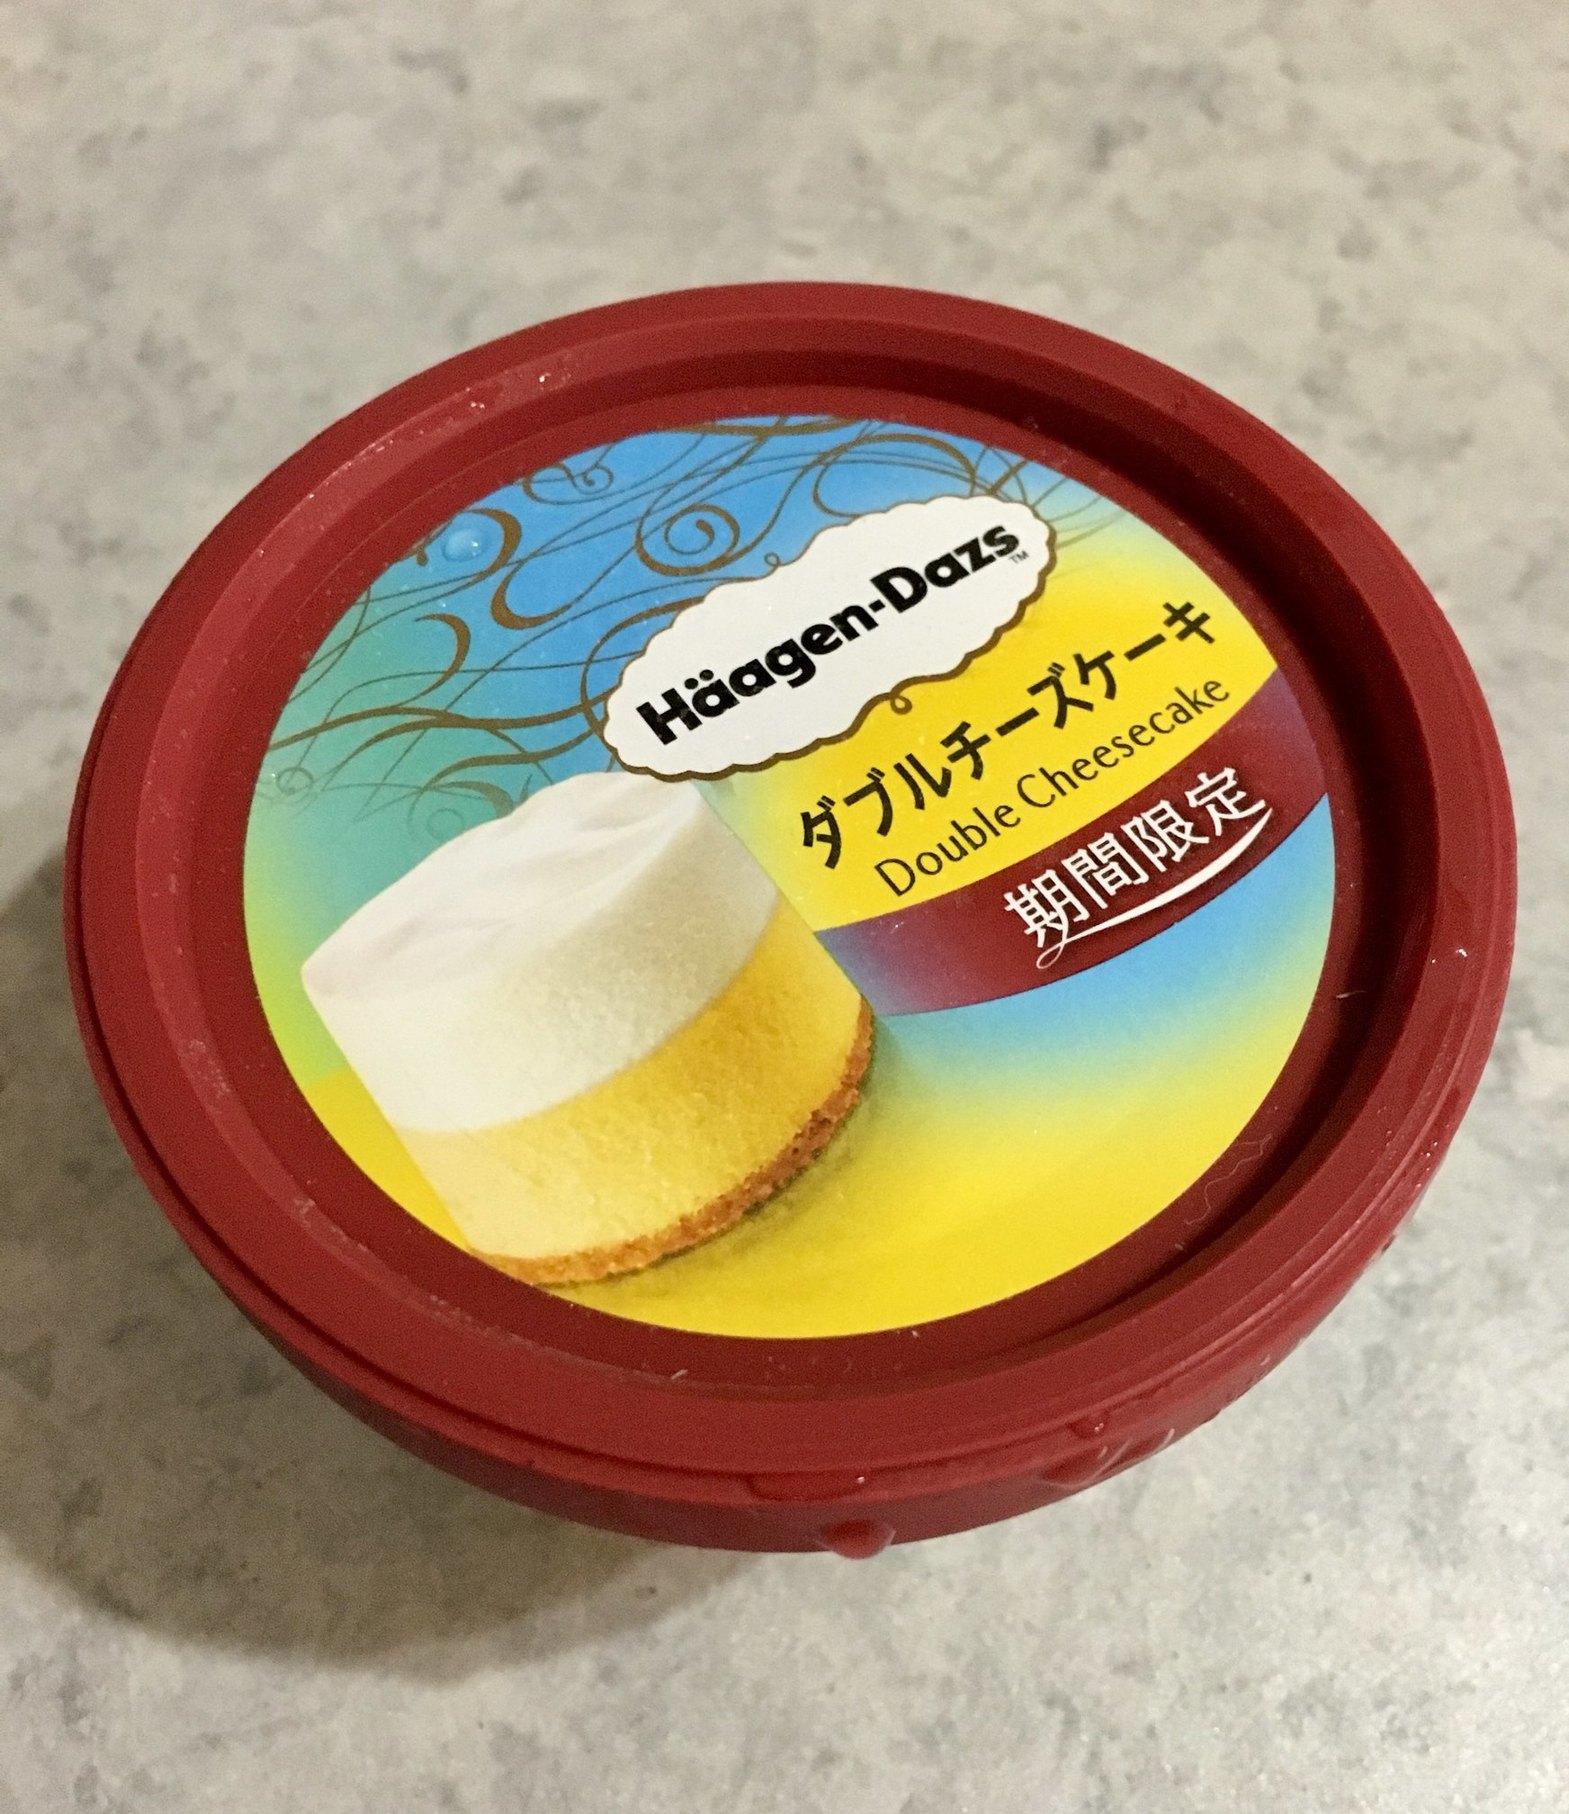 ハーゲンダッツ 御殿場プレミアム・アウトレット店 name=